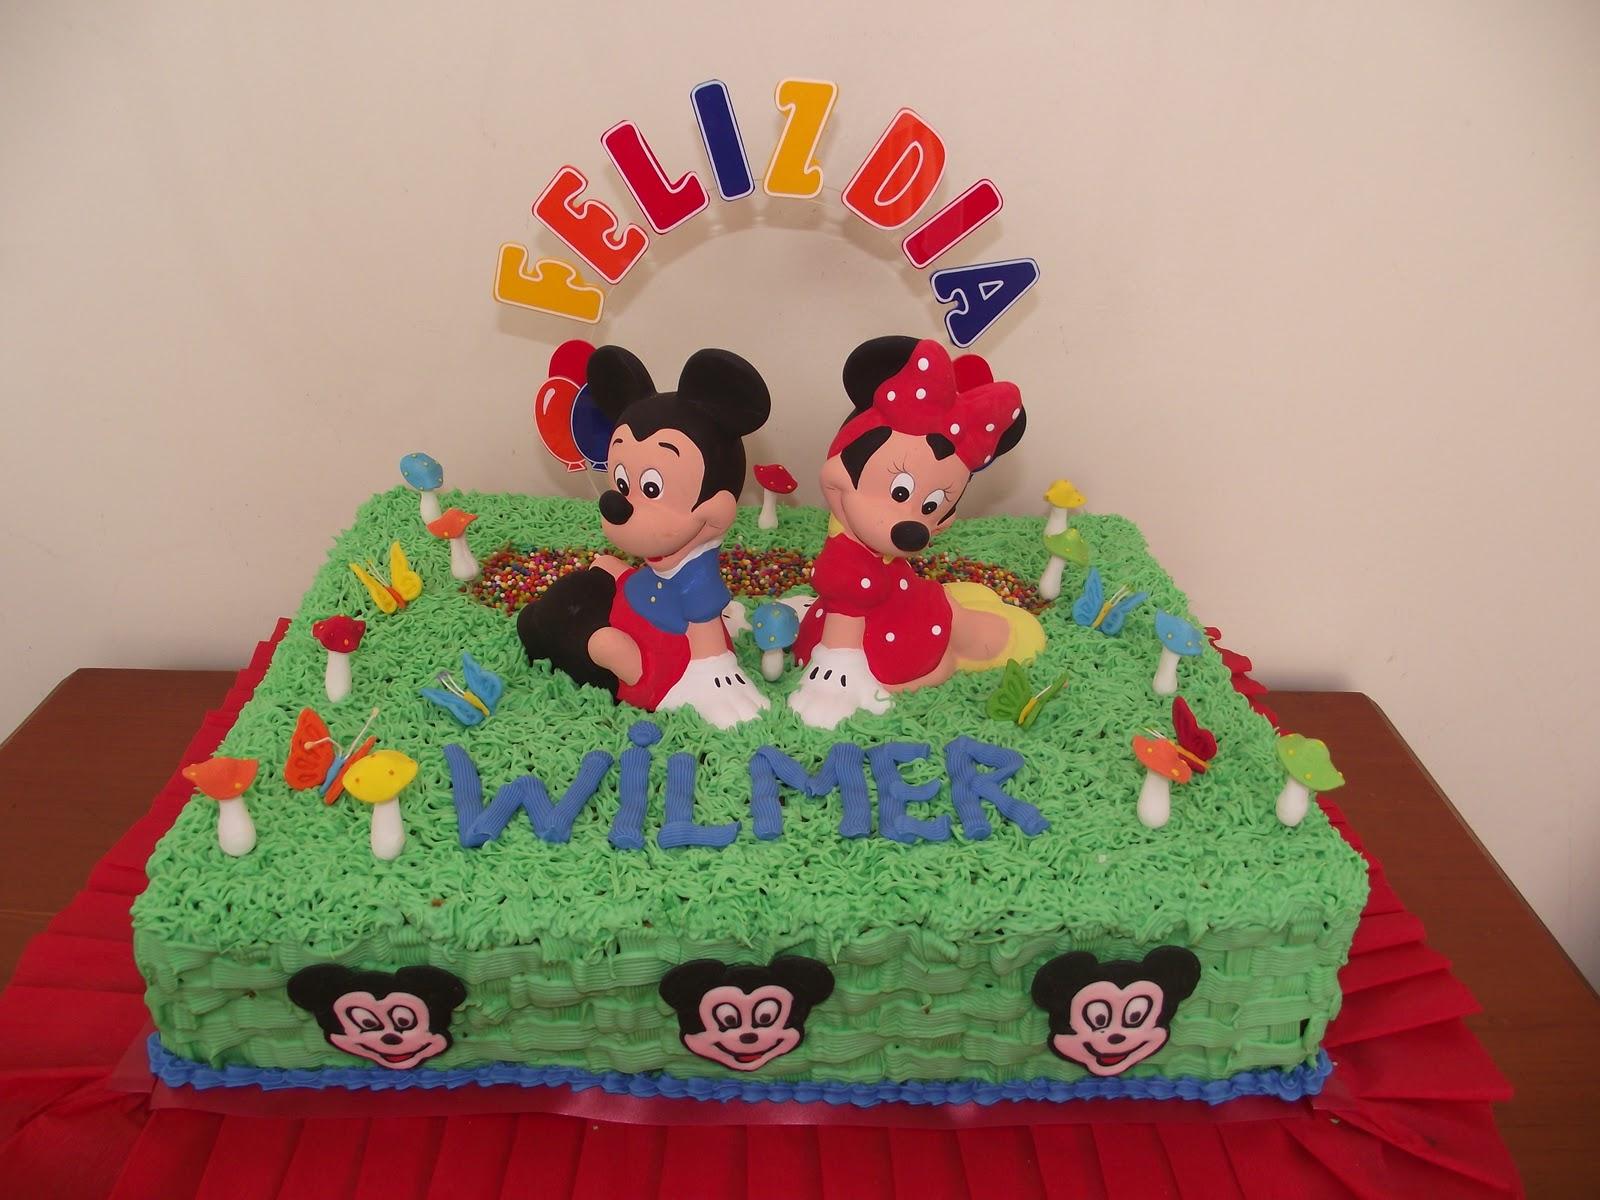 Torta de Mickey Mouse, 50 porciones.